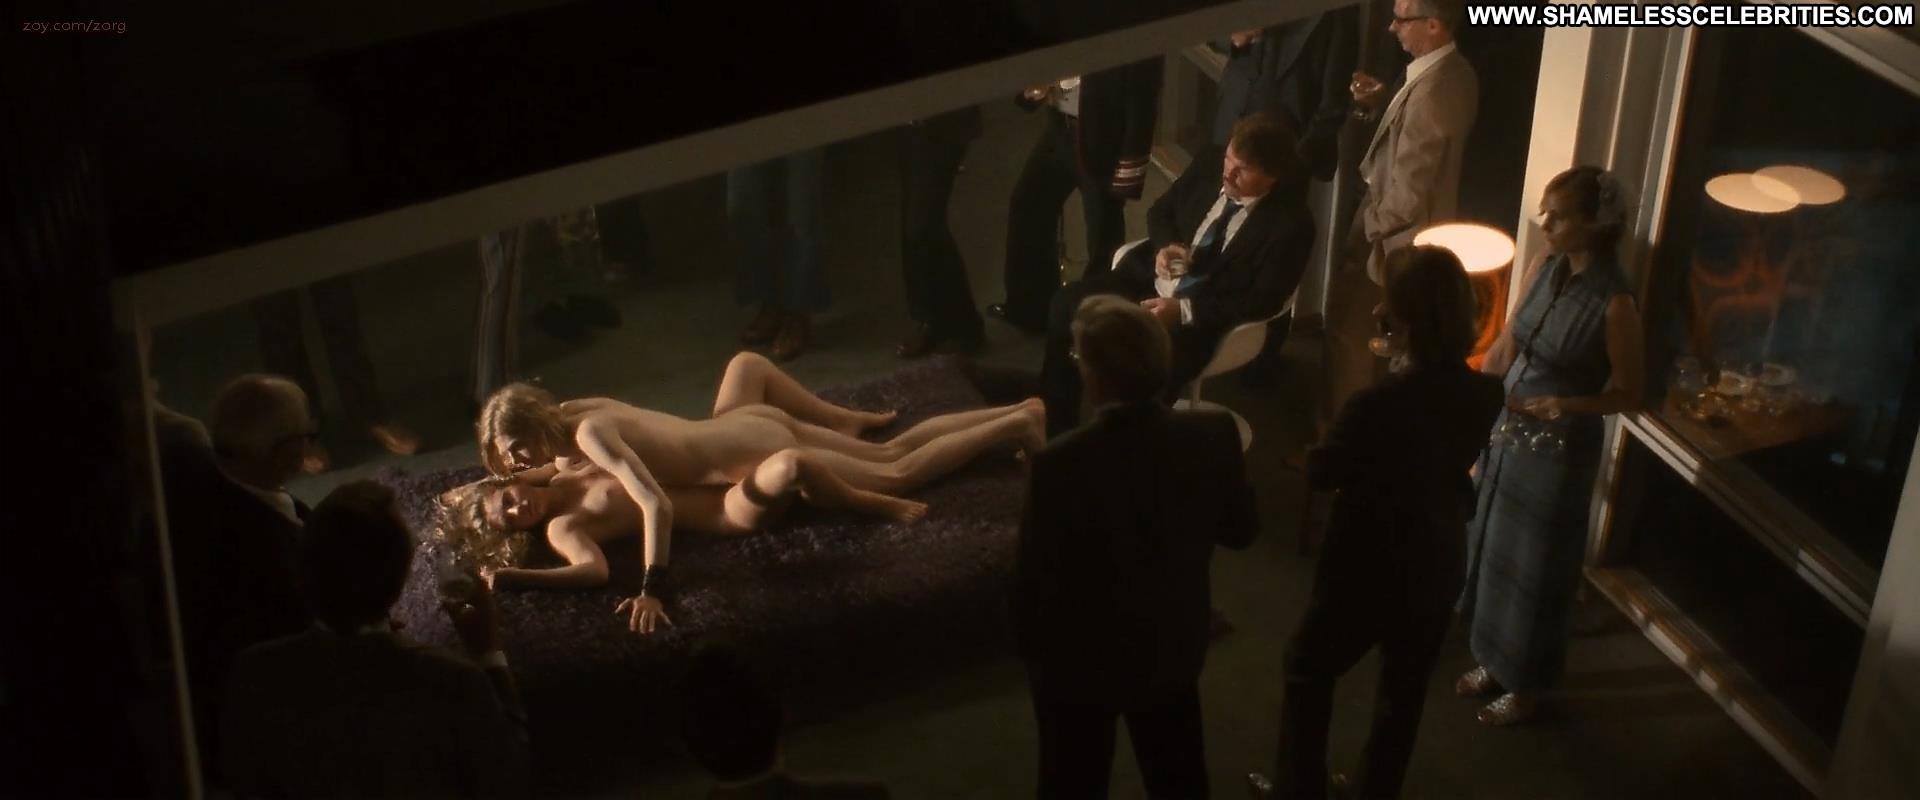 дня хозяюшке худ фильм проститутках такой красотой